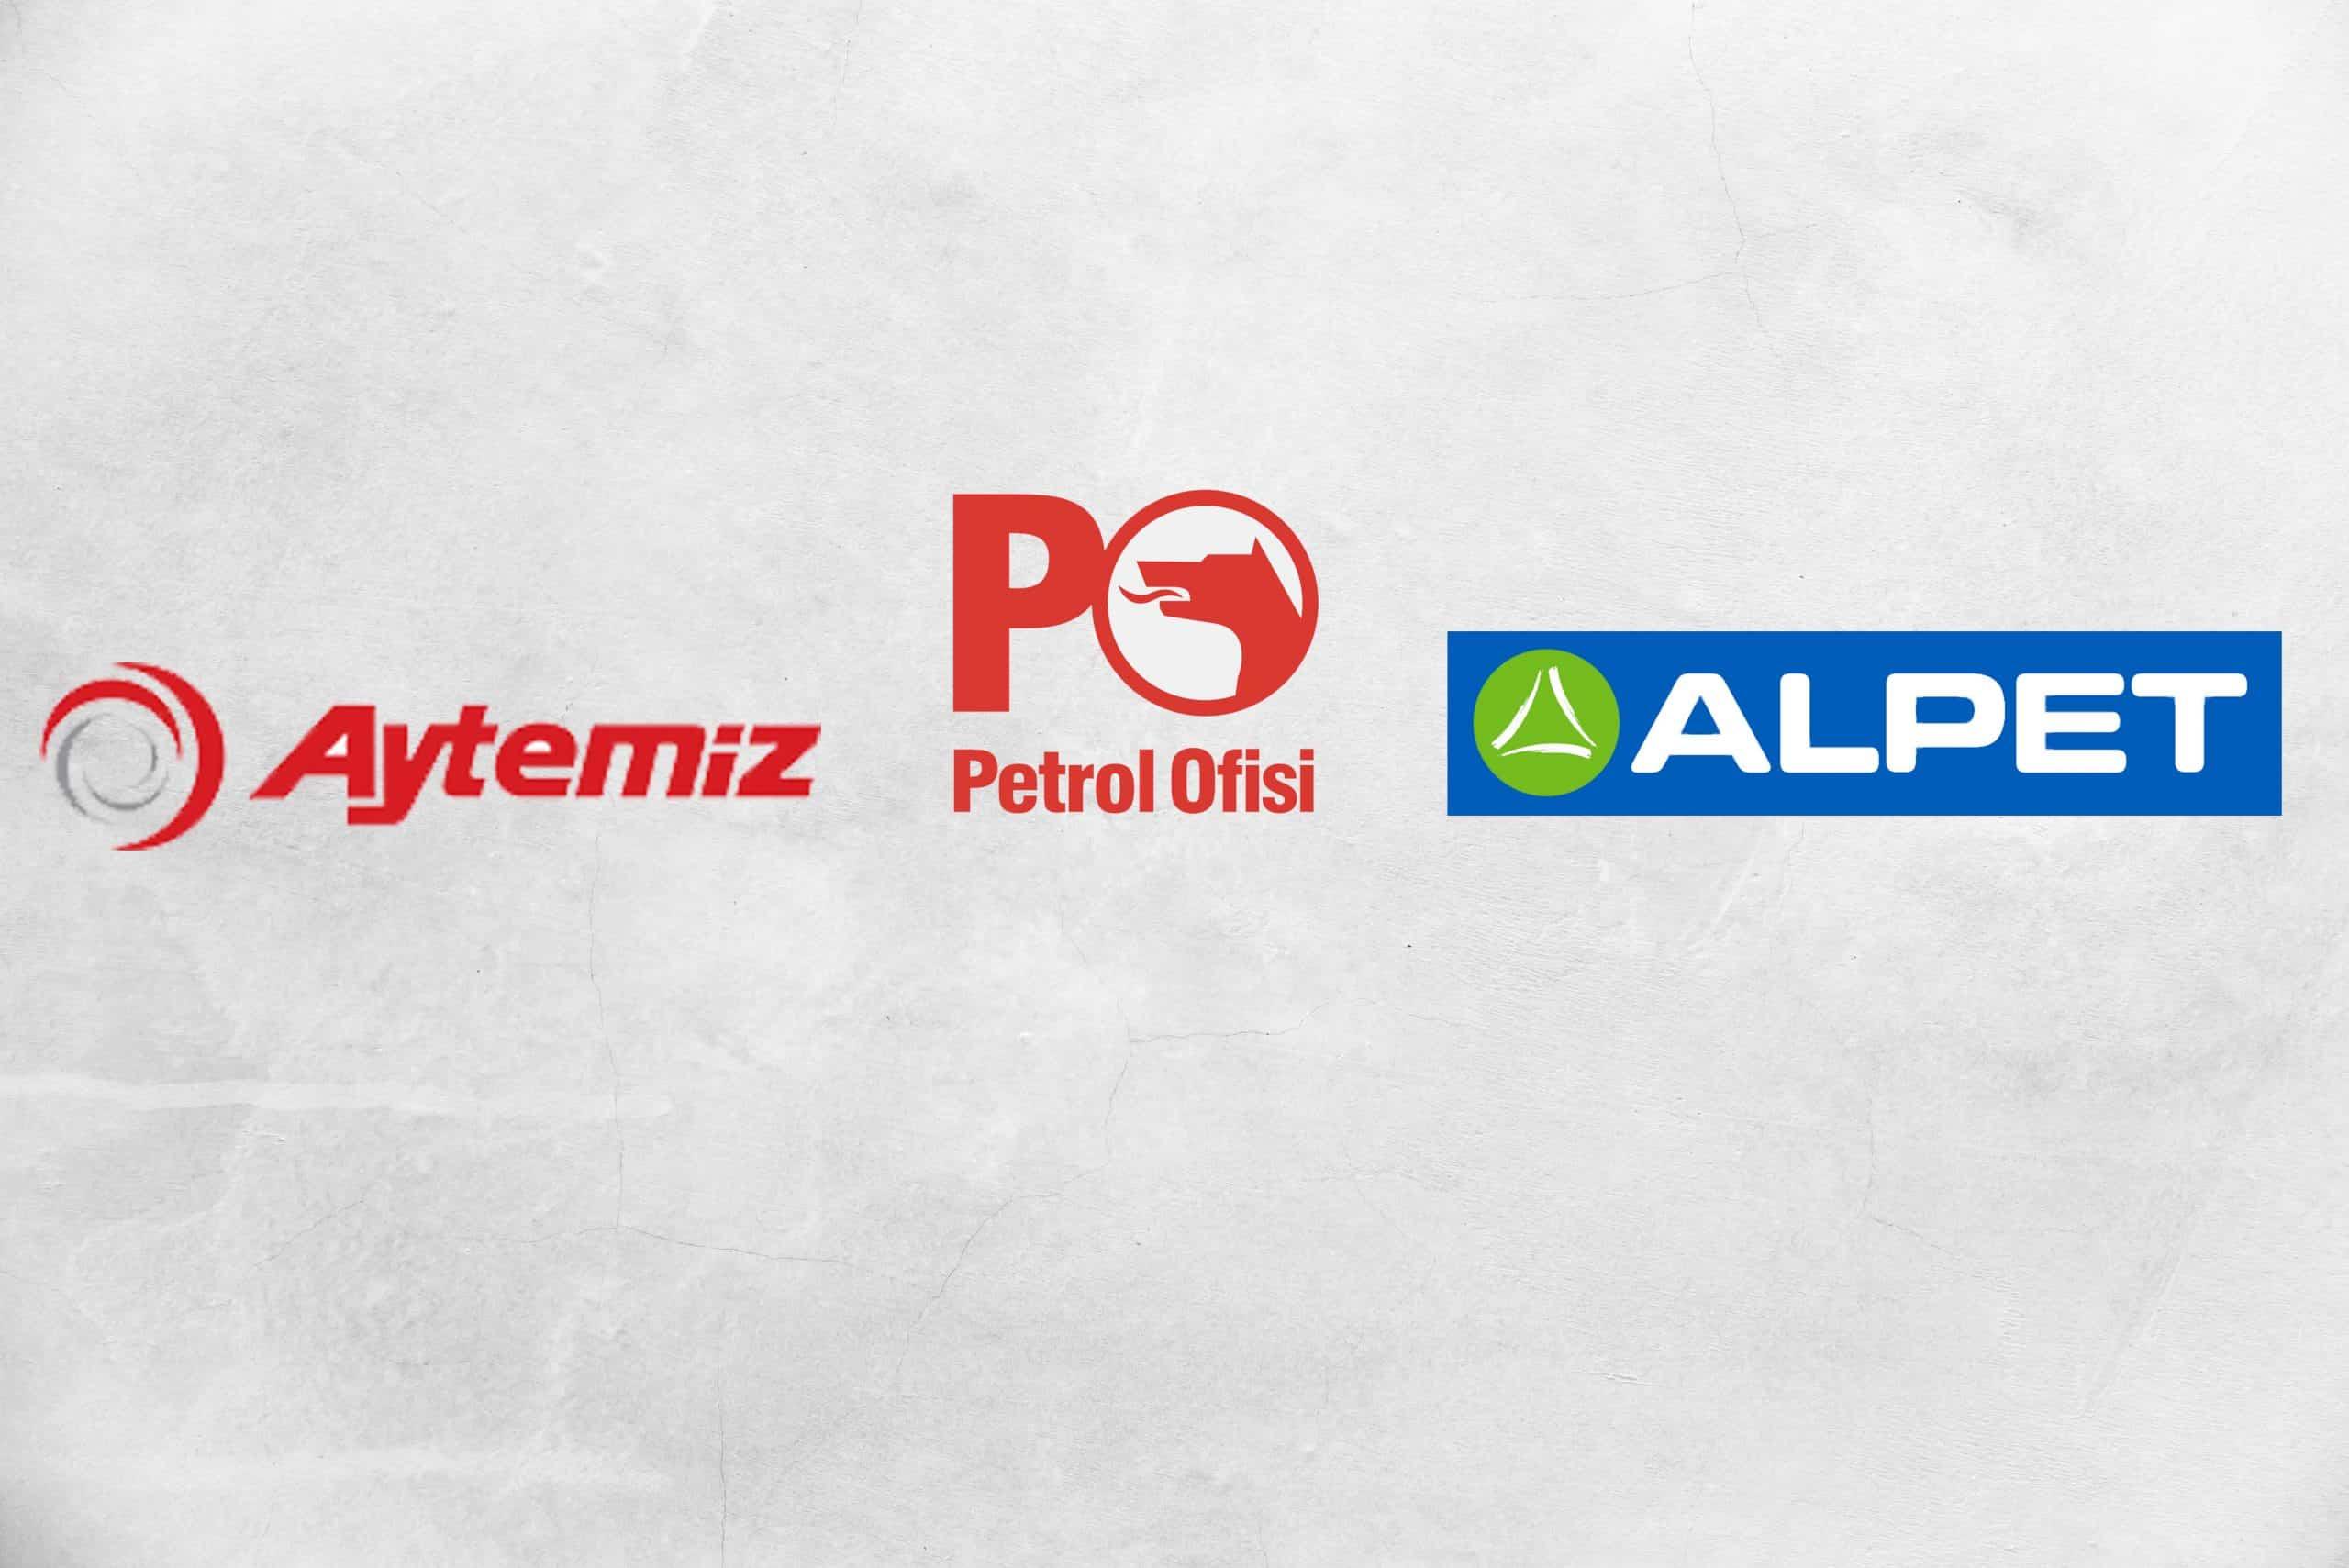 Türkiye'nin en büyük akaryakıt istasyonları ile Adblue partneri olmaktan mutluluk duyuyoruz.